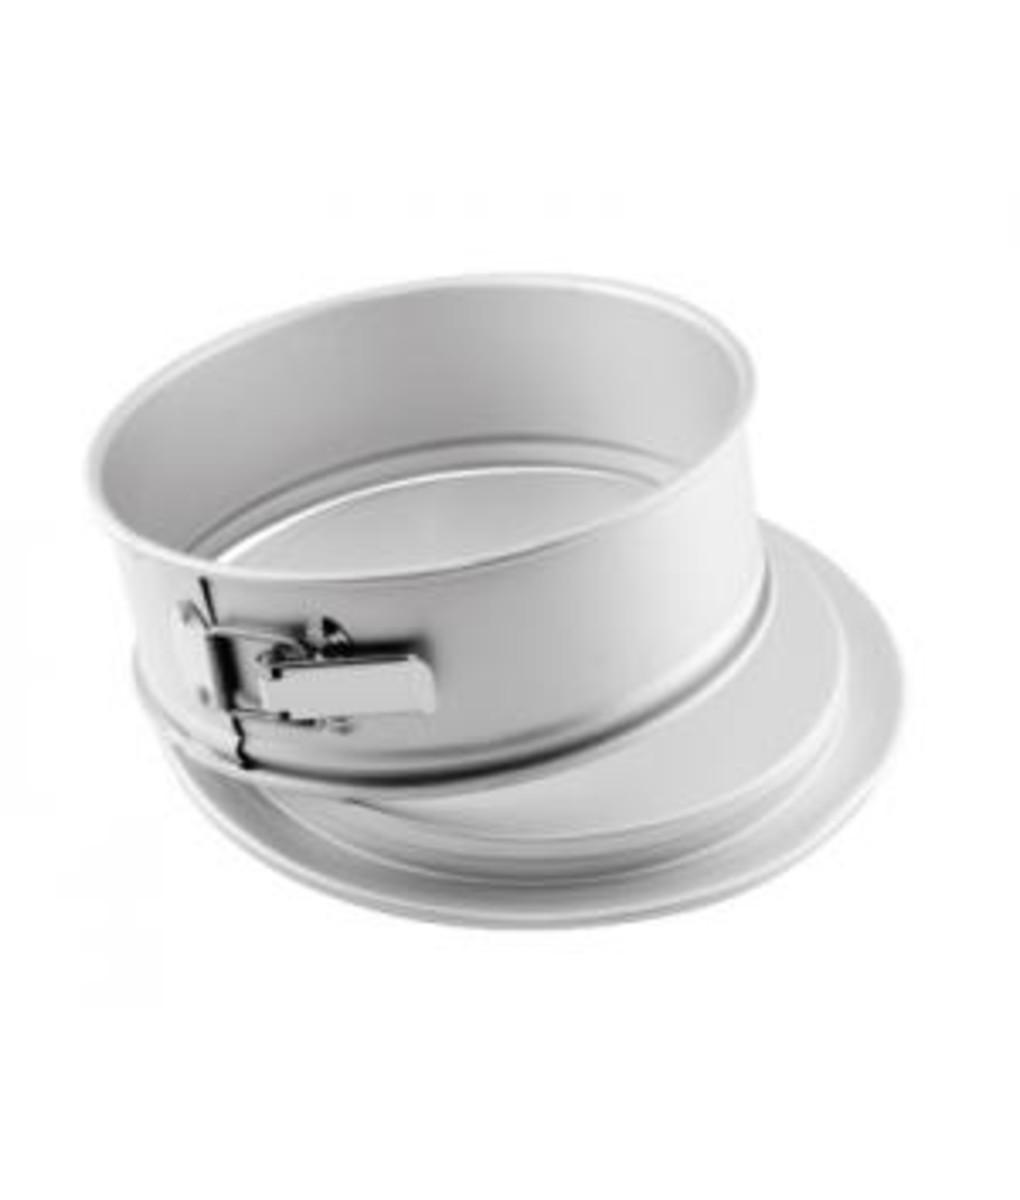 Round Springform Cake Tin by Mondo Pro 22.5x7.5cm